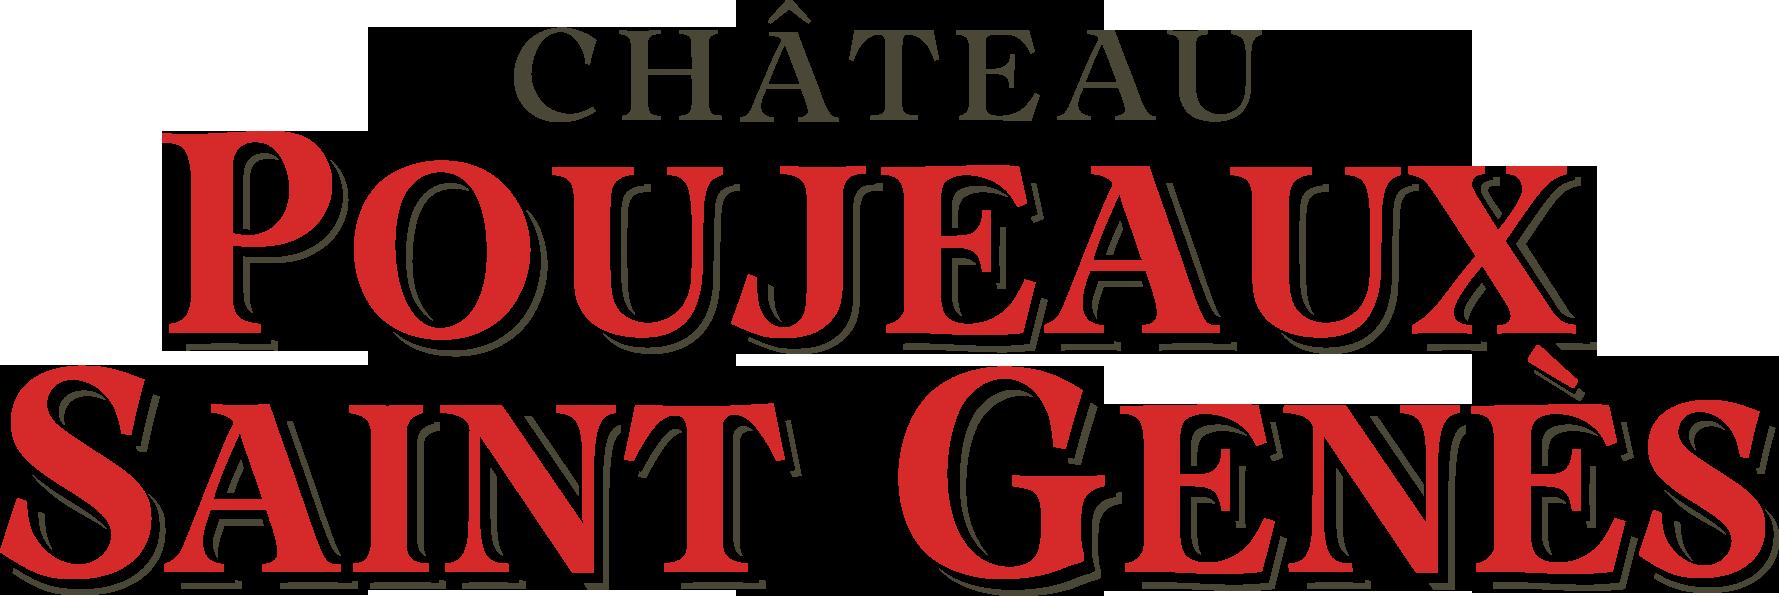 Château Poujeaux Saint Genès AOC Bordeaux